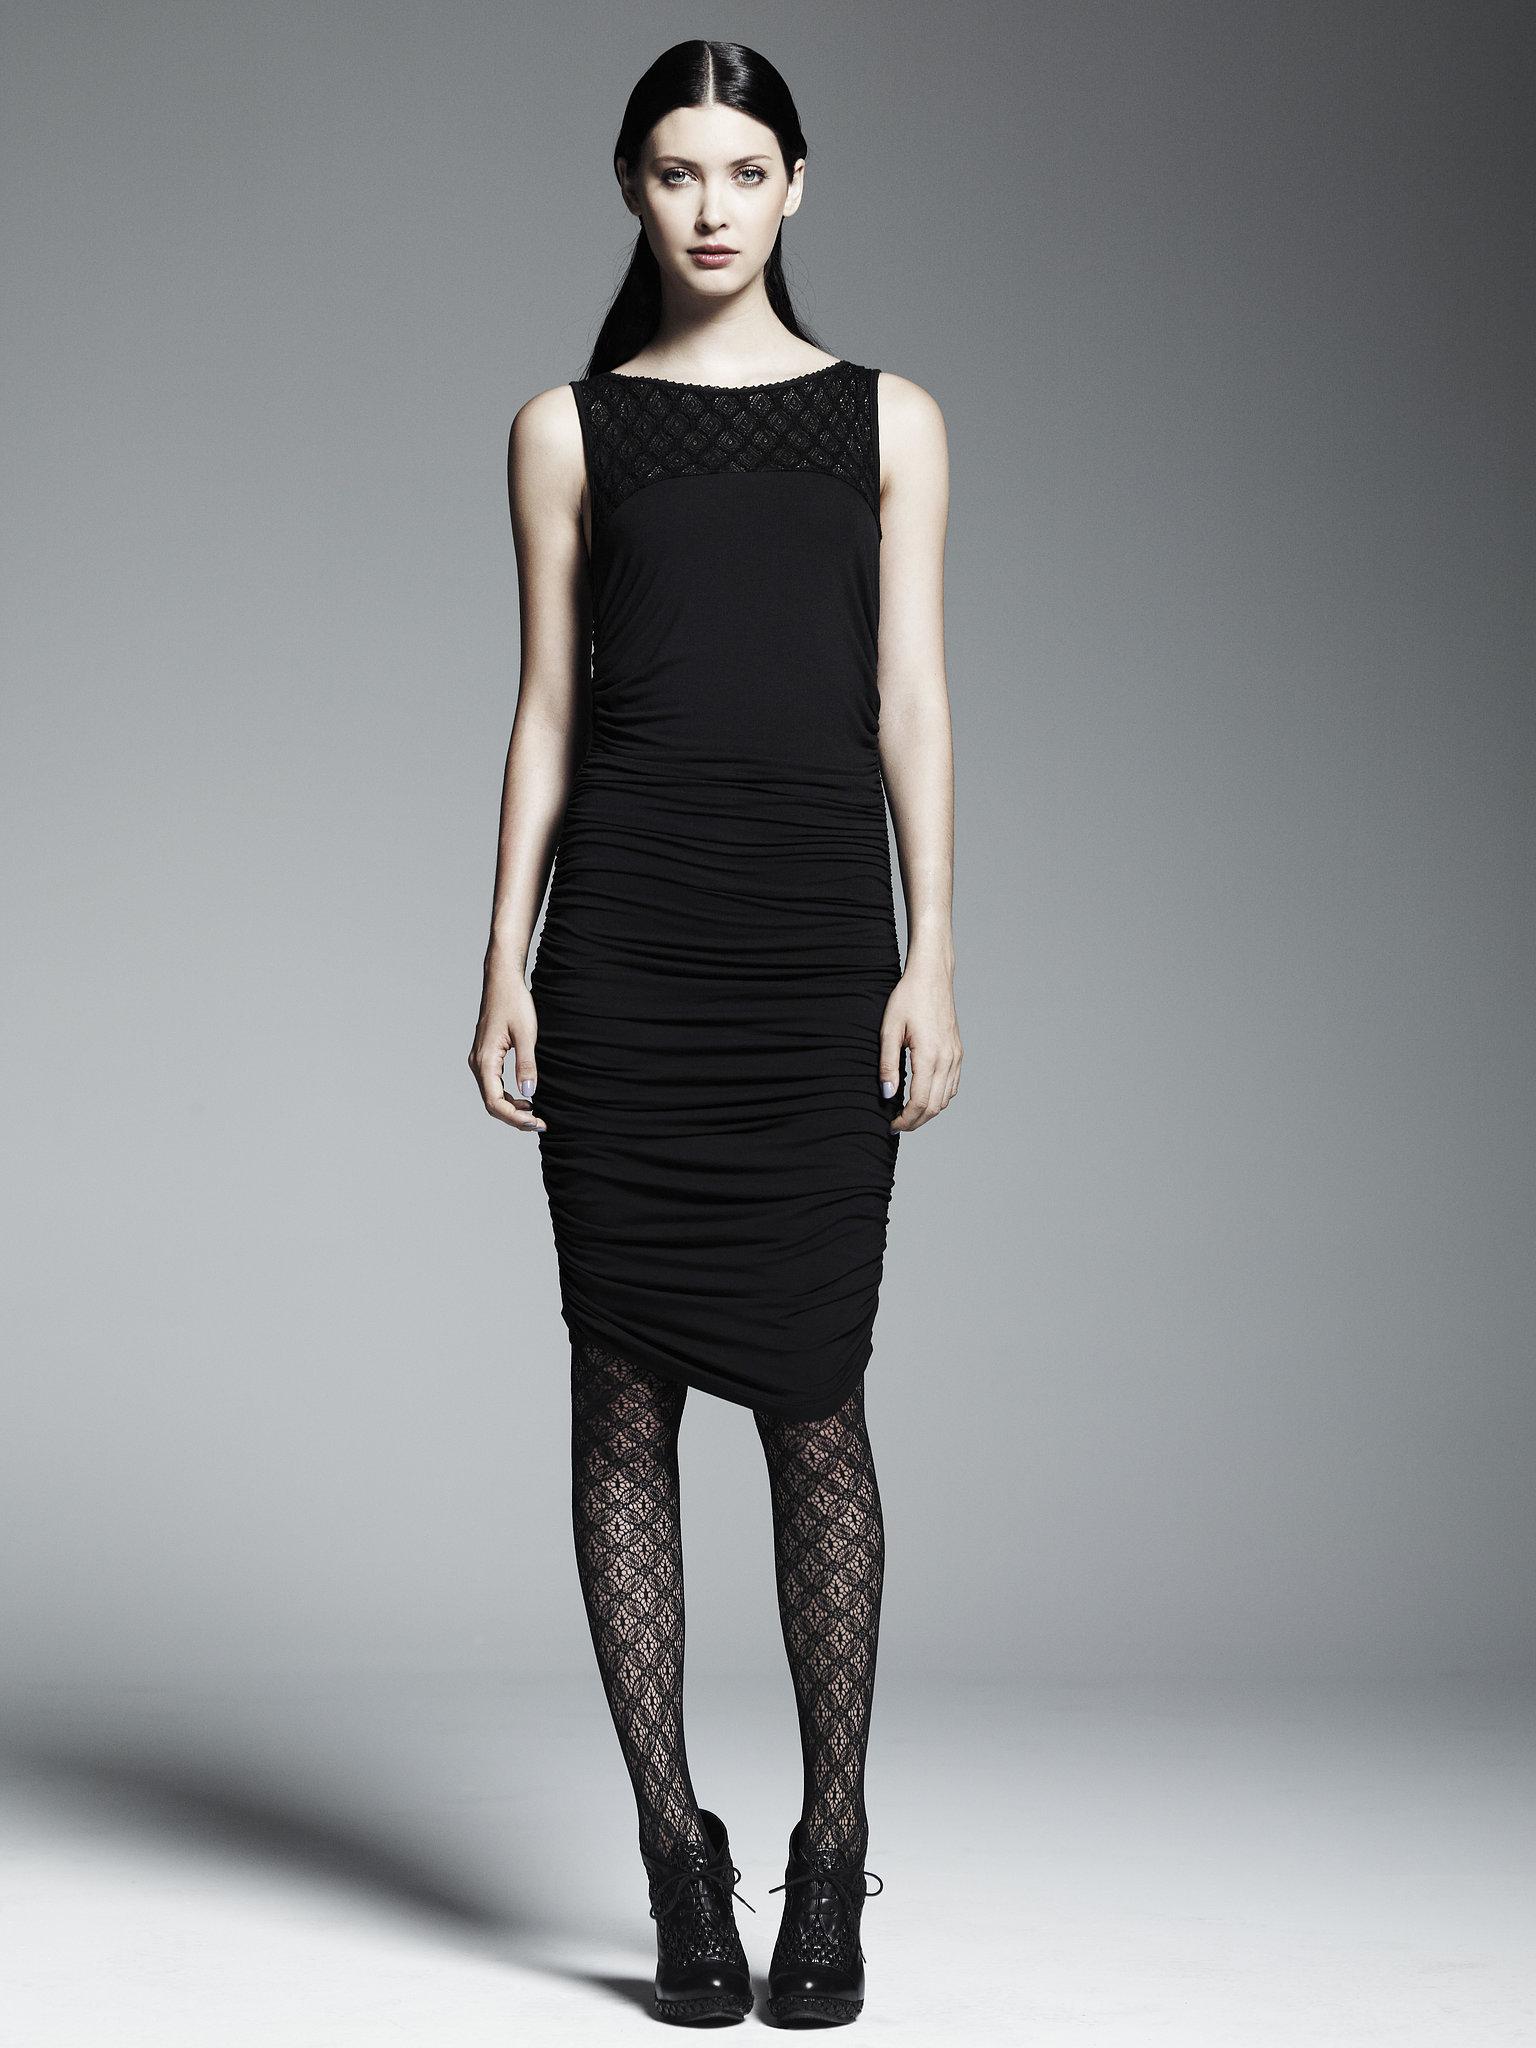 Shirred Dress ($70) Photo courtesy of Kohl's